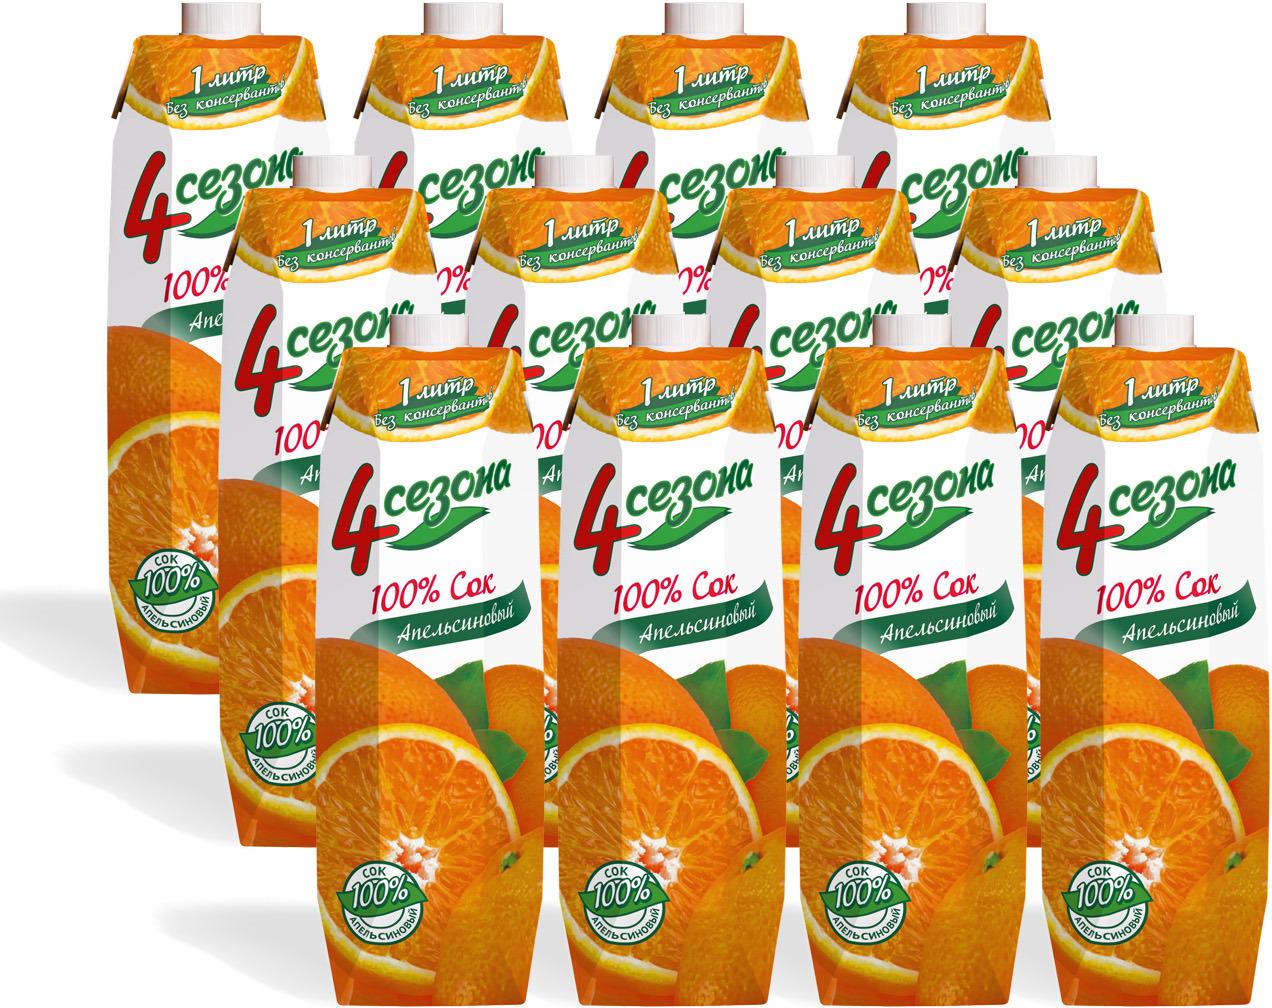 Апельсиновый сок от торговой марки «4 сезона»